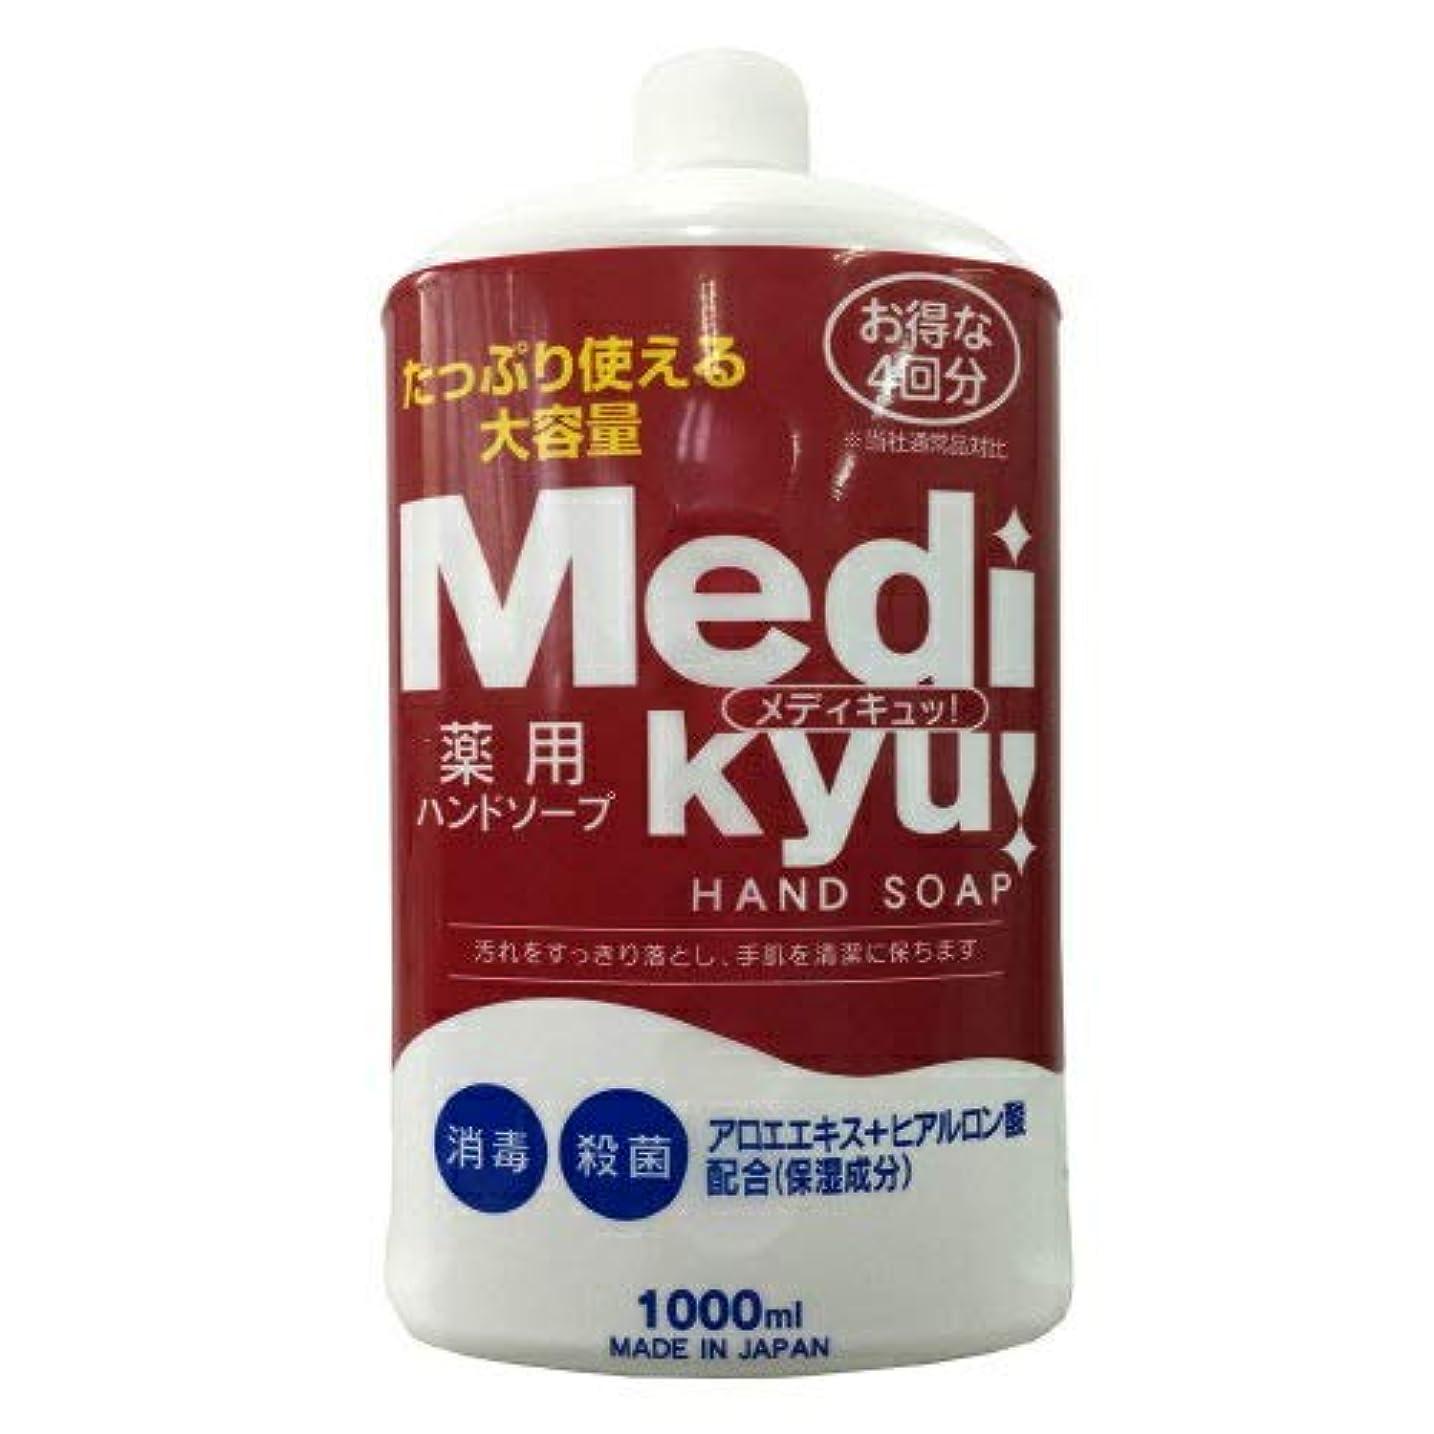 ヒールスポーツマン火星ロケット石鹸 メディキュッ! 薬用ハンドソープ 大型ボトル 詰替用 1000ml